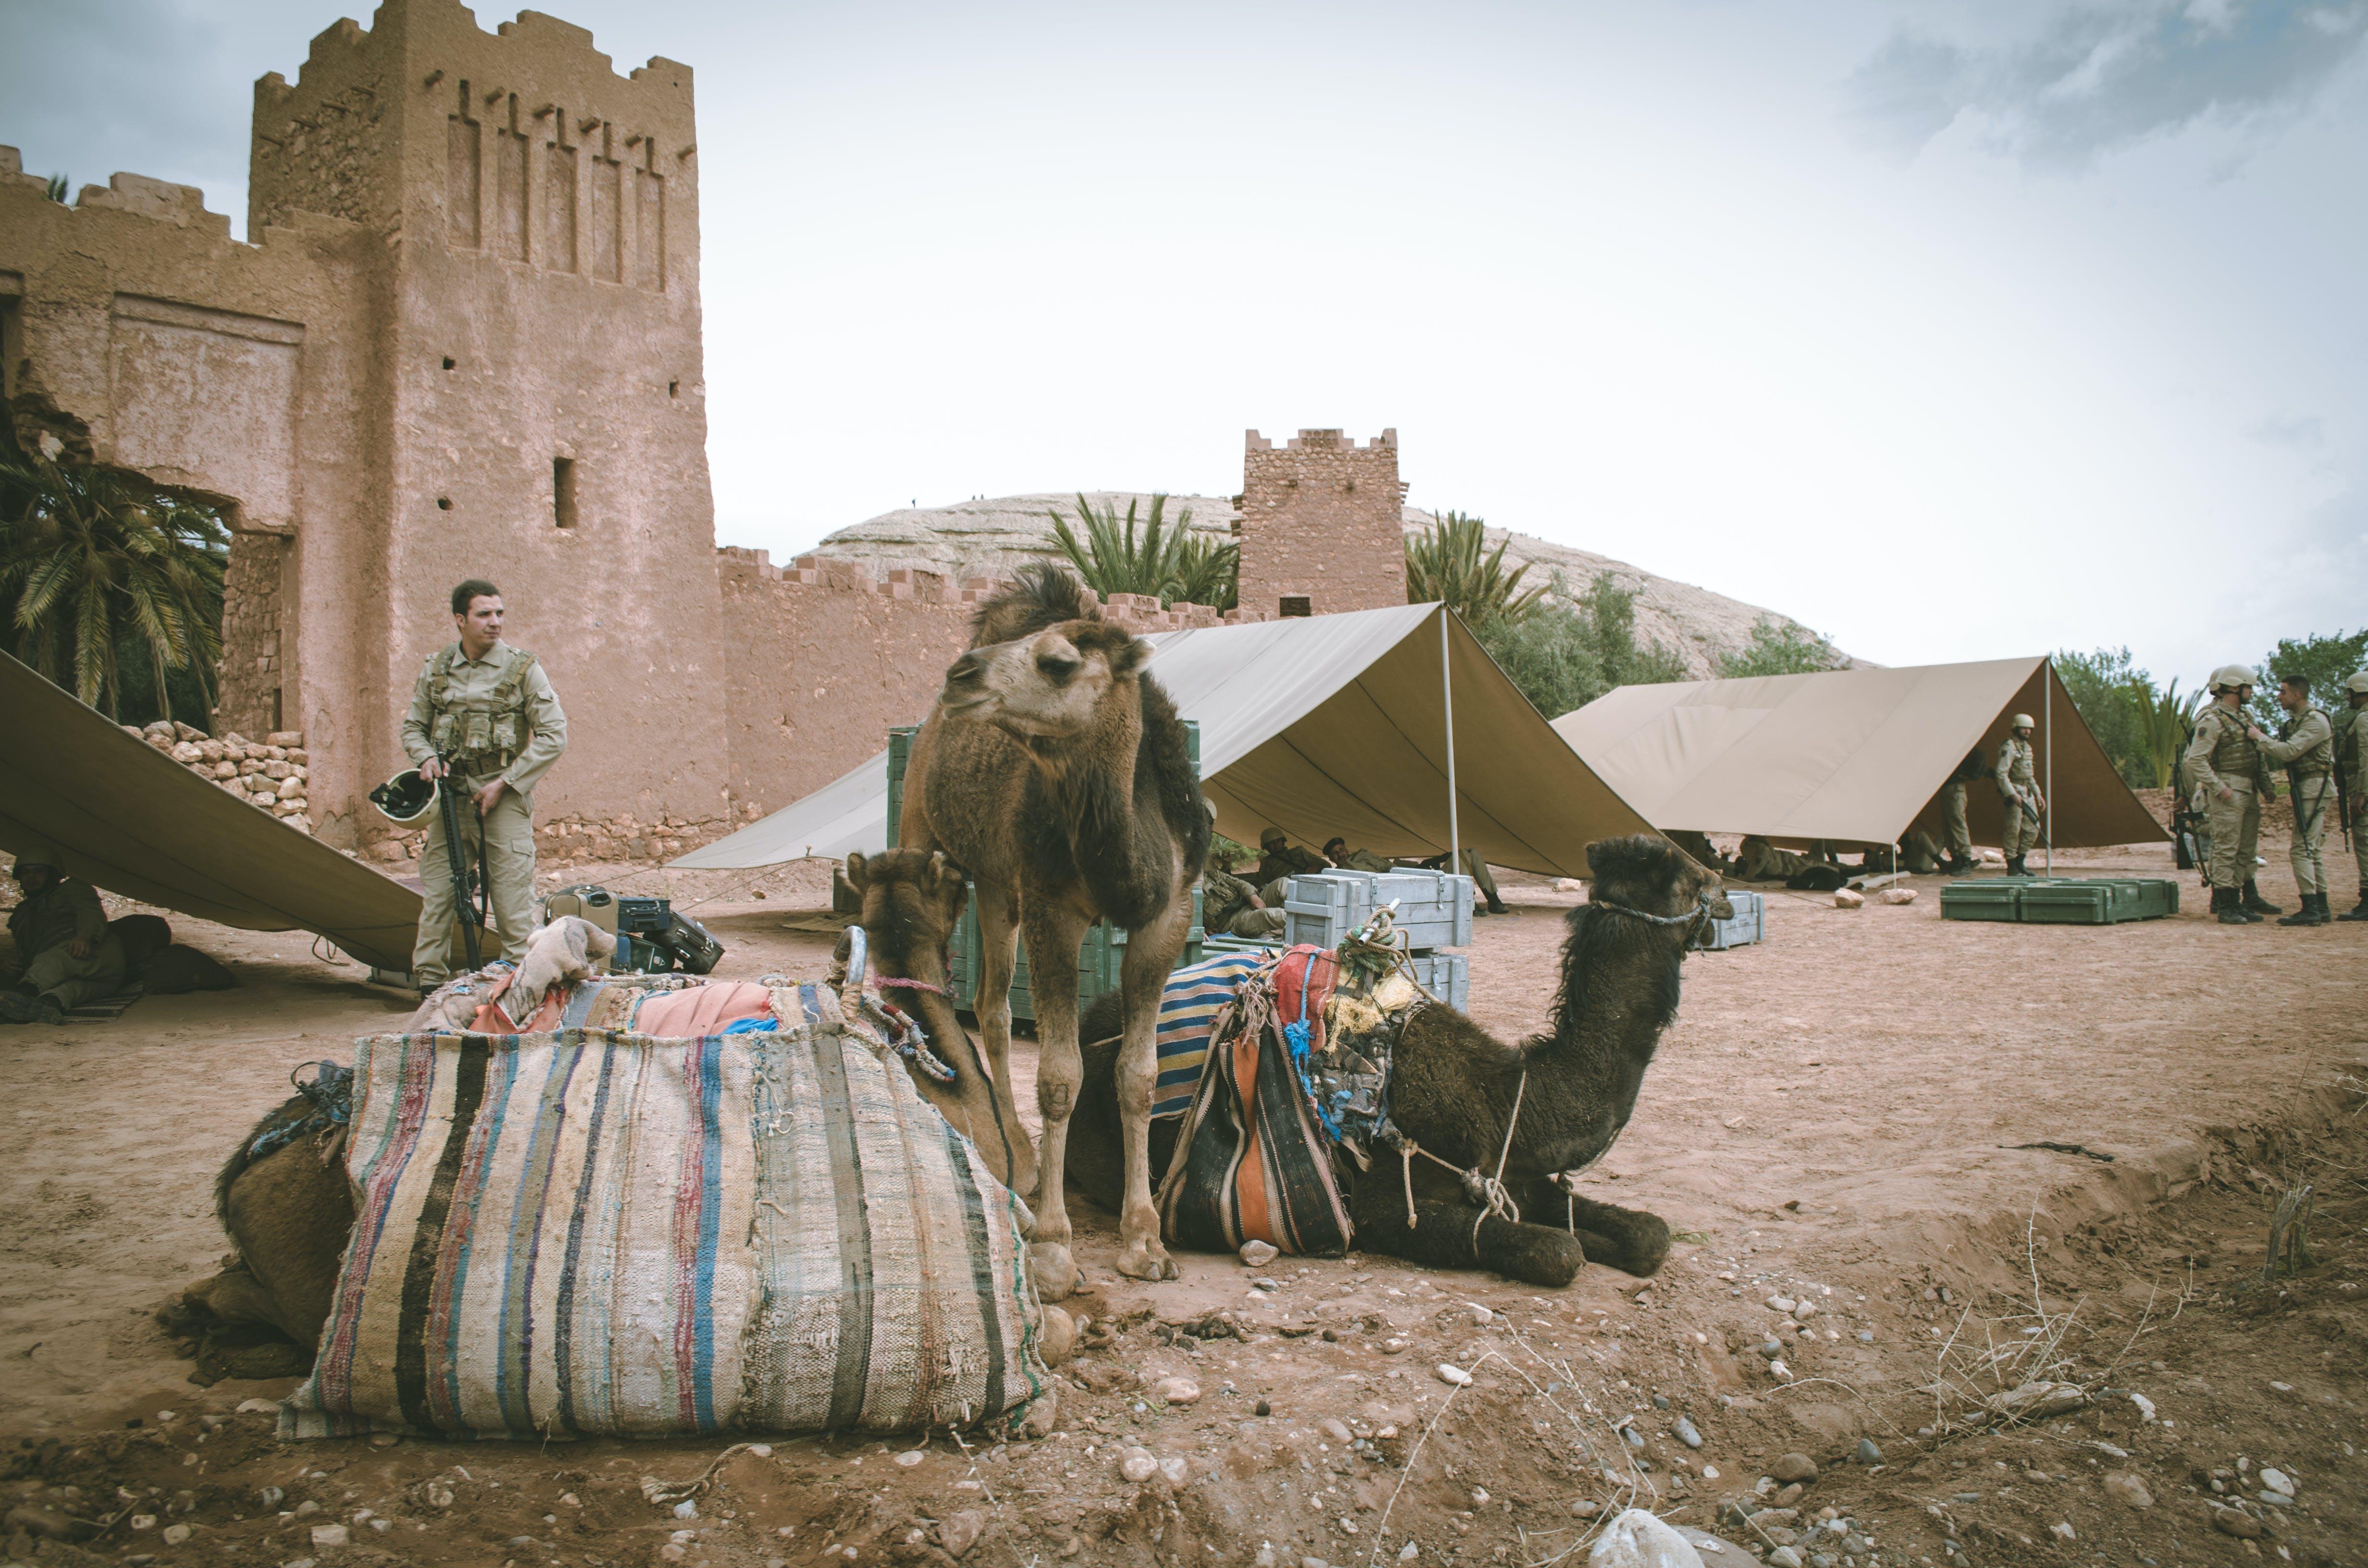 Kostenloses Stock Foto zu architektur, bäume, kamel, landschaft